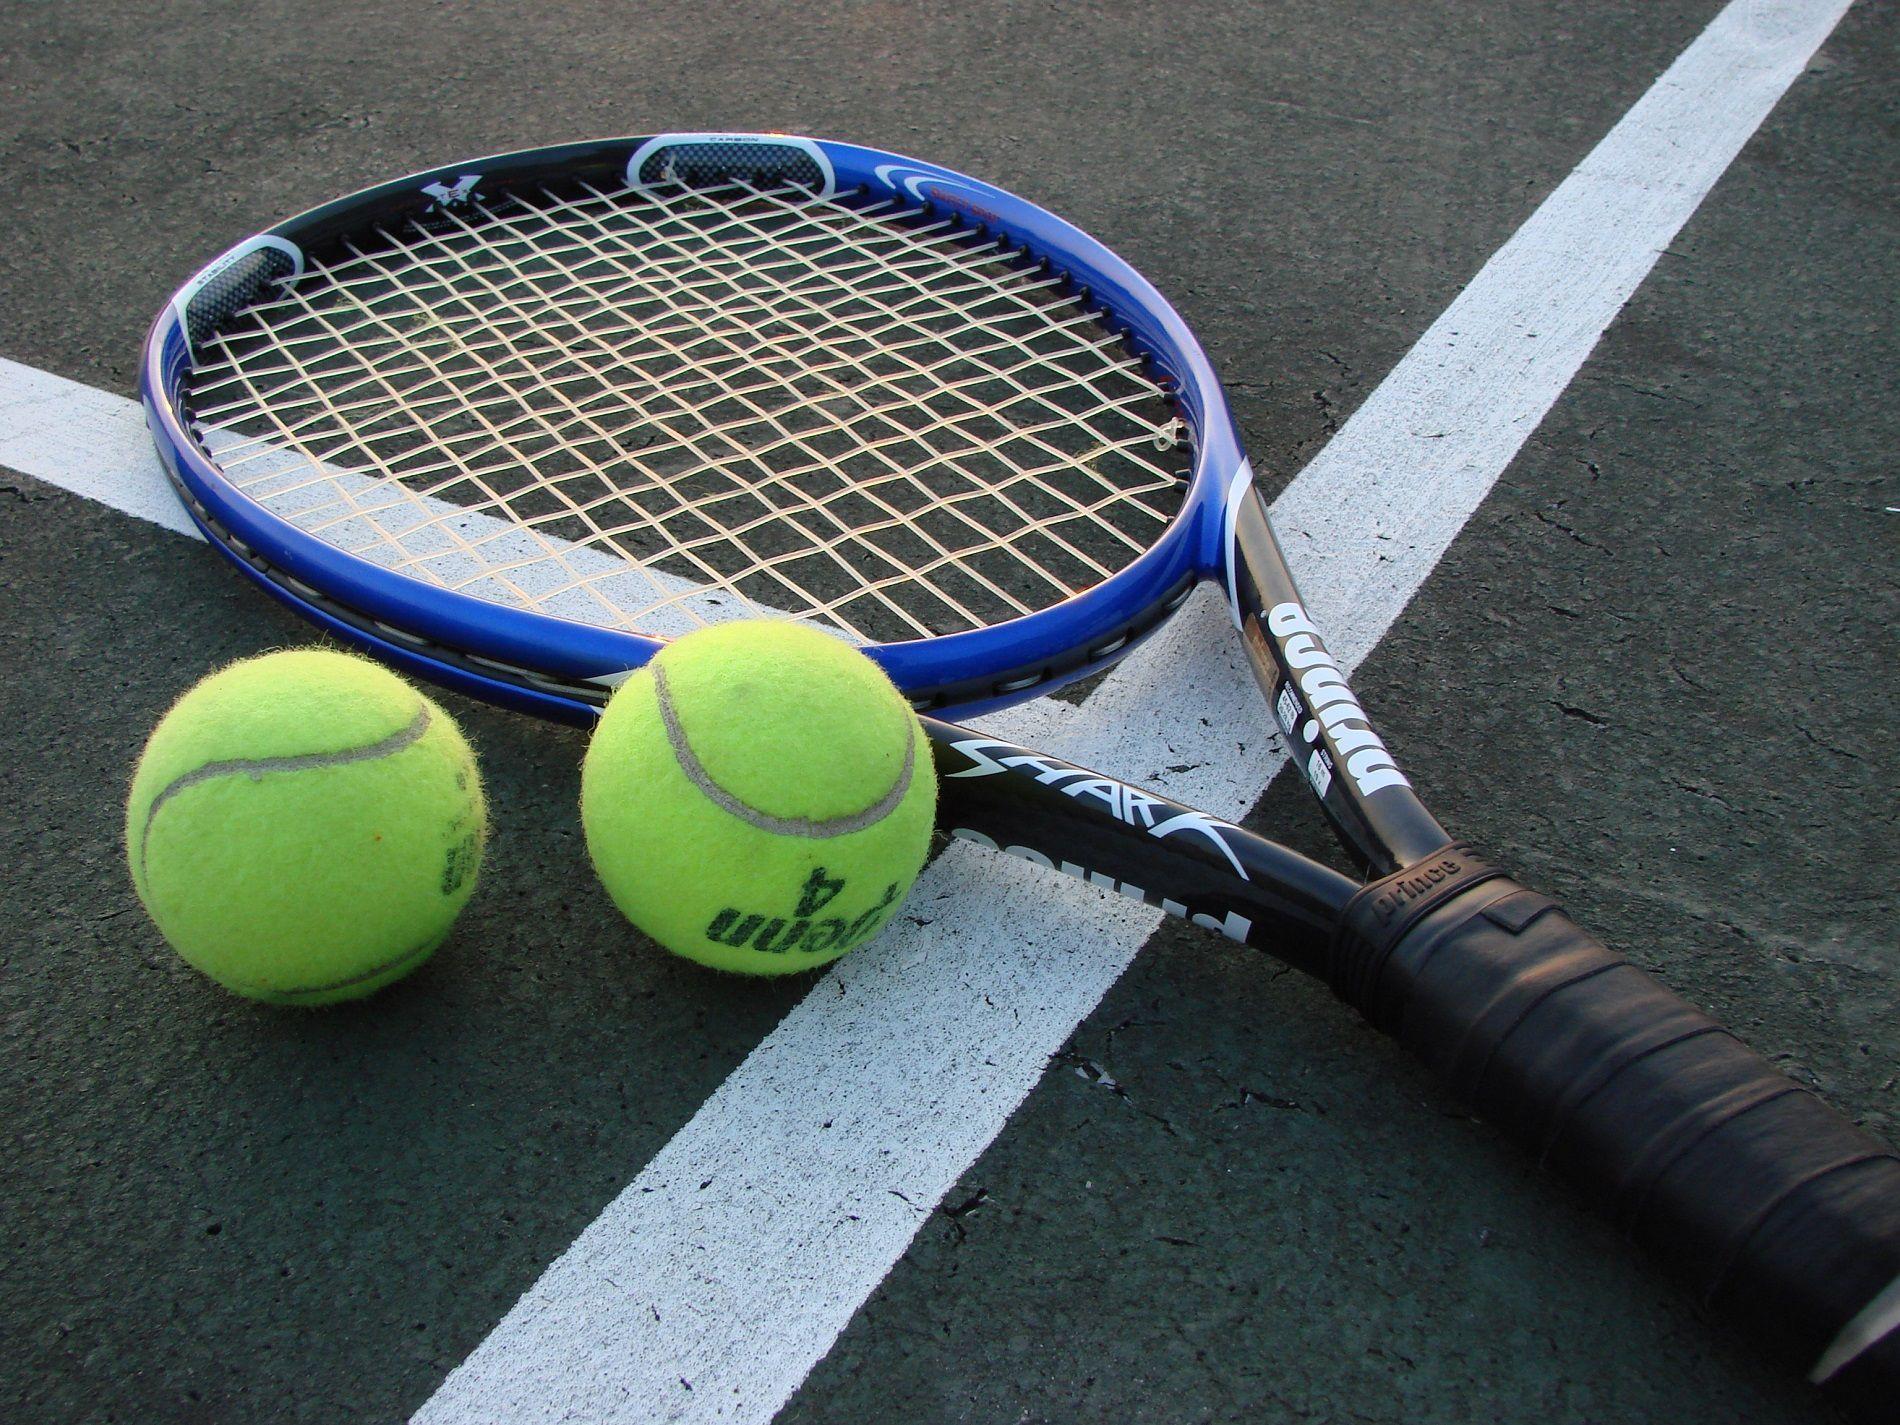 Giocare a tennis in una chiesa sconsacrata si può